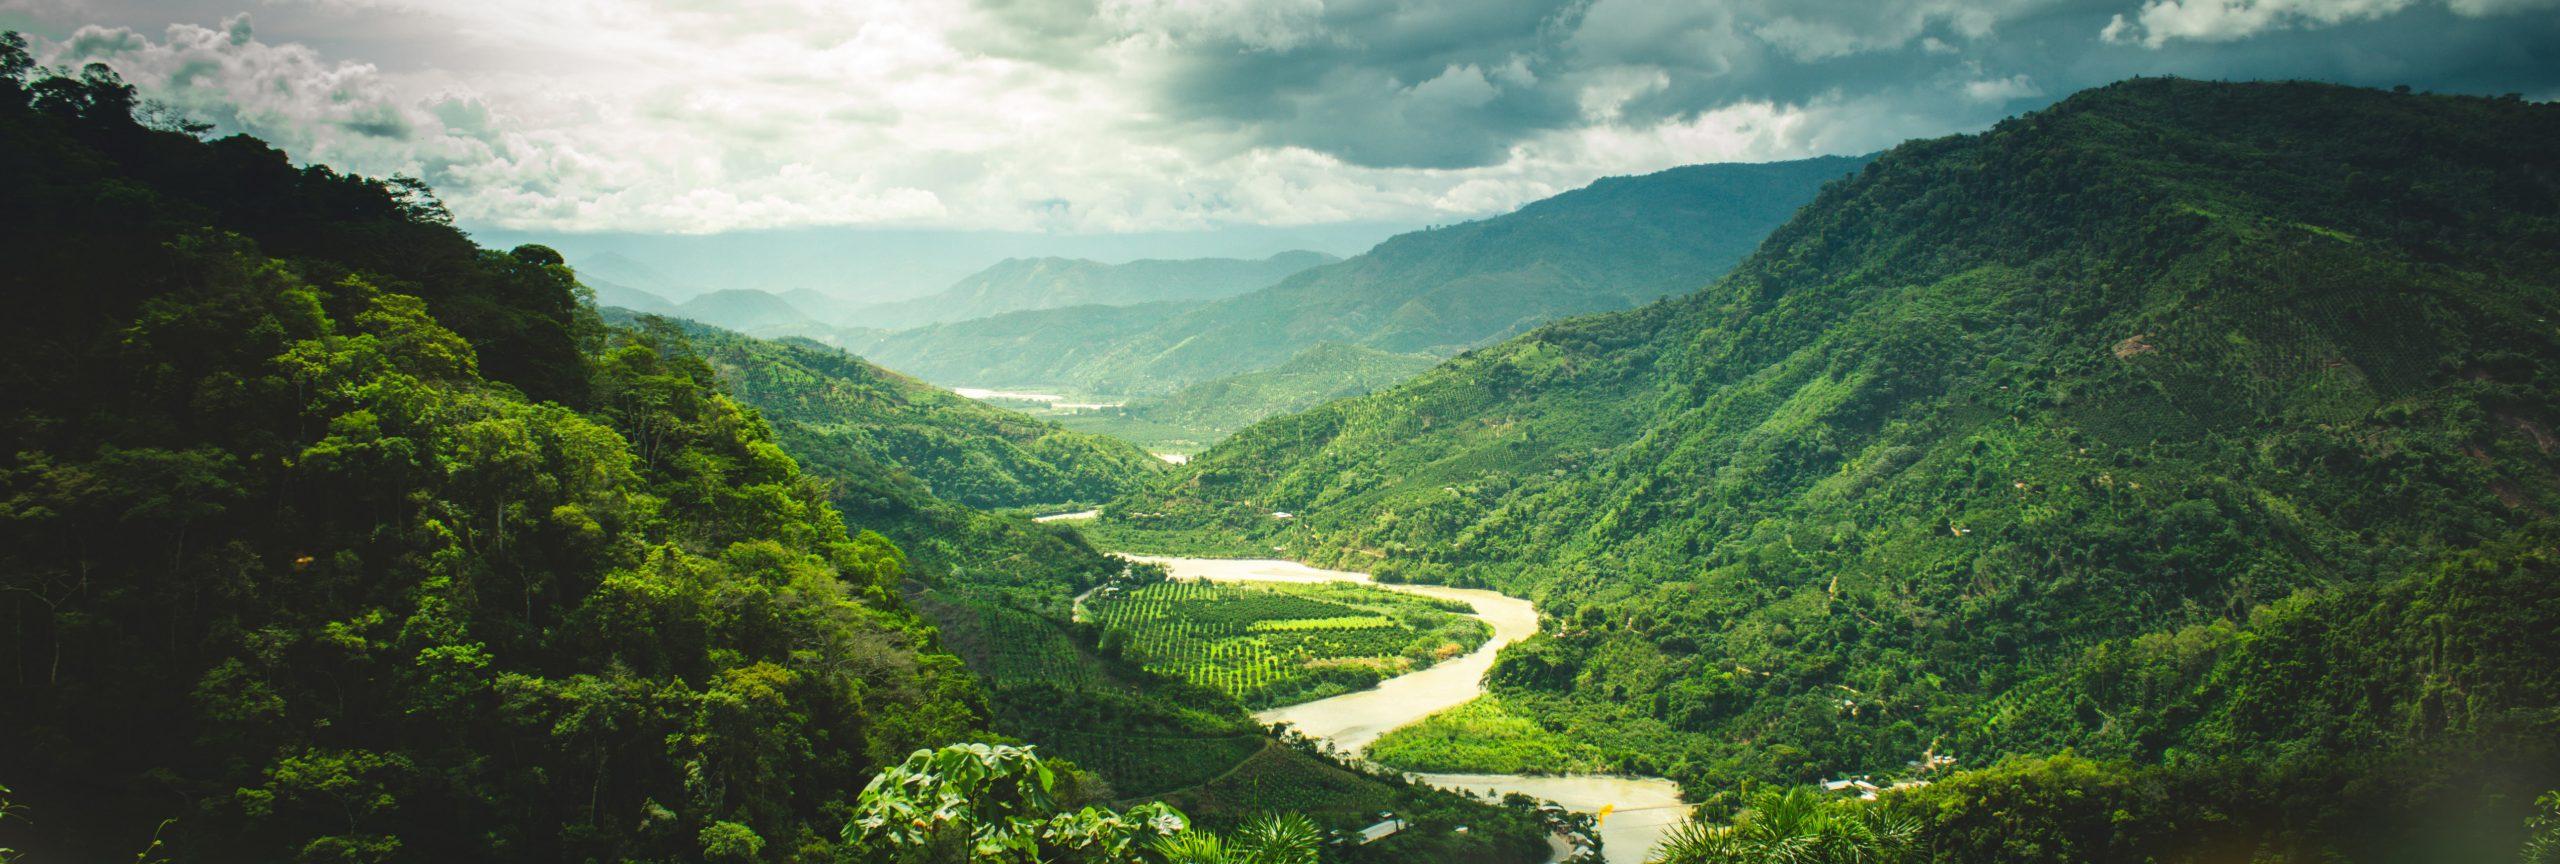 Peru natuur bergen 2 - De Planeet Reizen